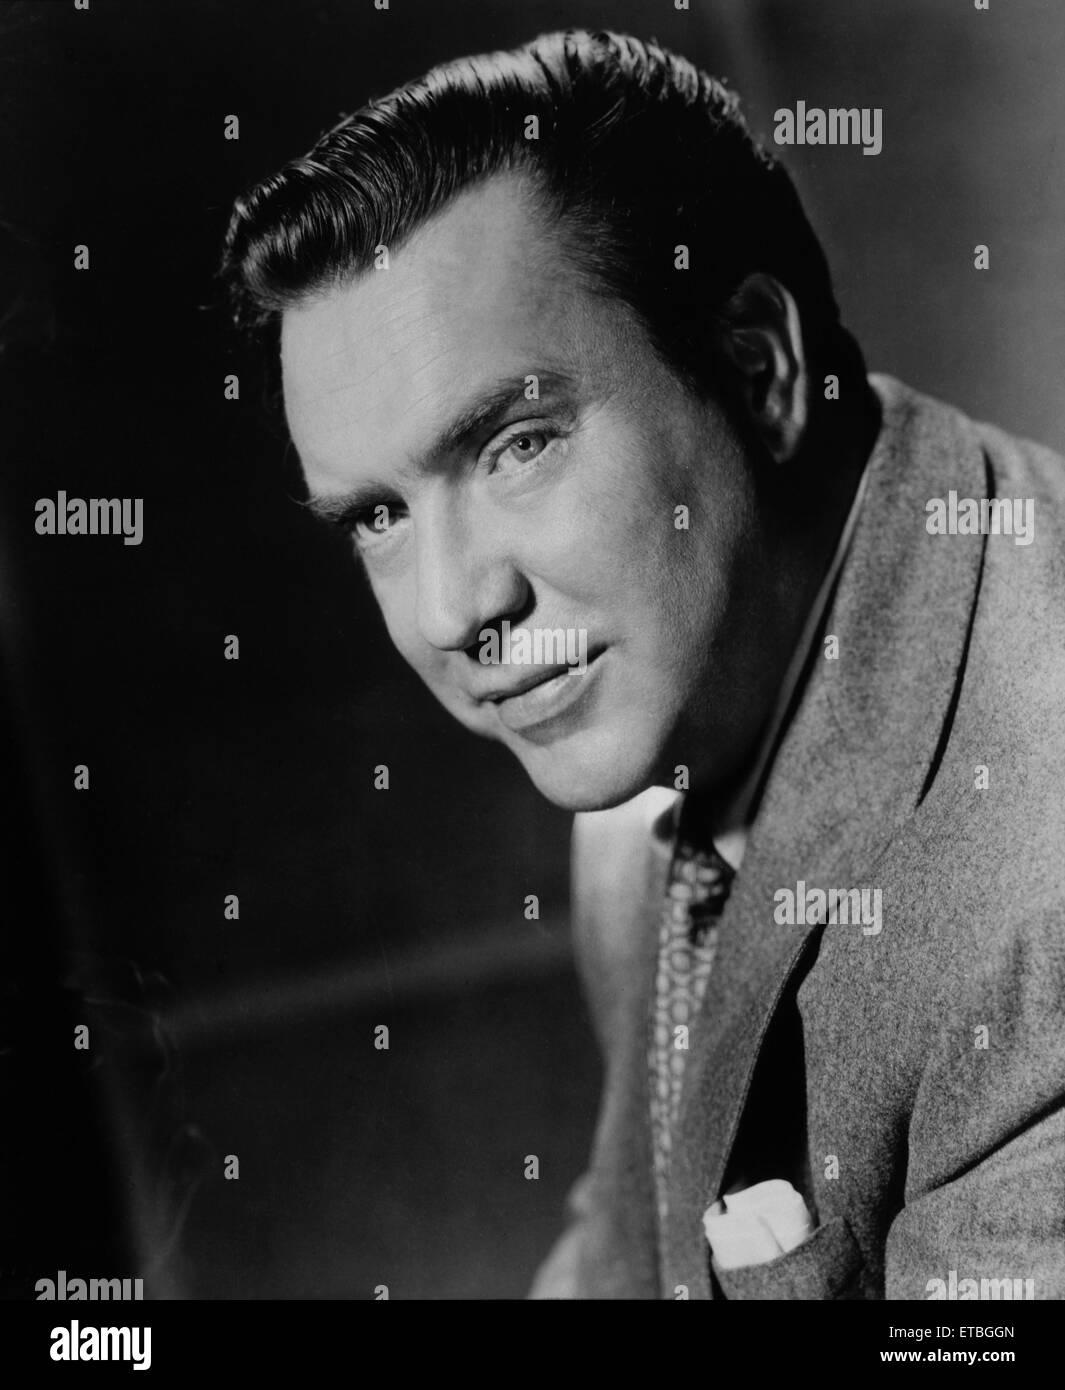 Actor Edmond O'Brien, Portrait, 1956 - Stock Image